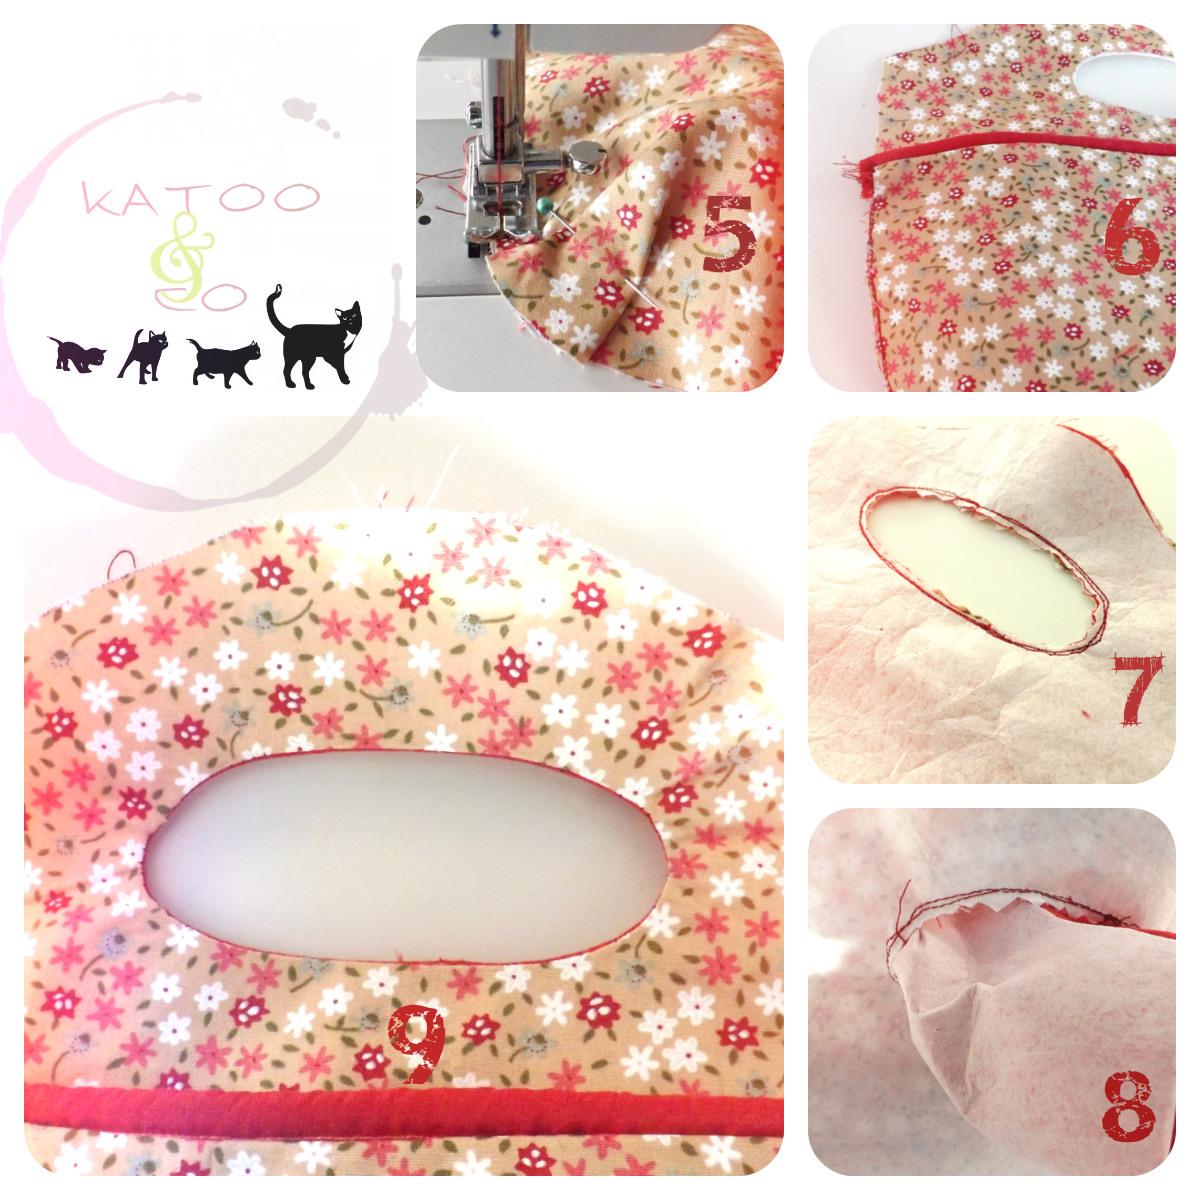 http://ekladata.com/cookinkat.eklablog.com/perso/Couture-sacs/Spring-cute-bag/collagesac2.jpg